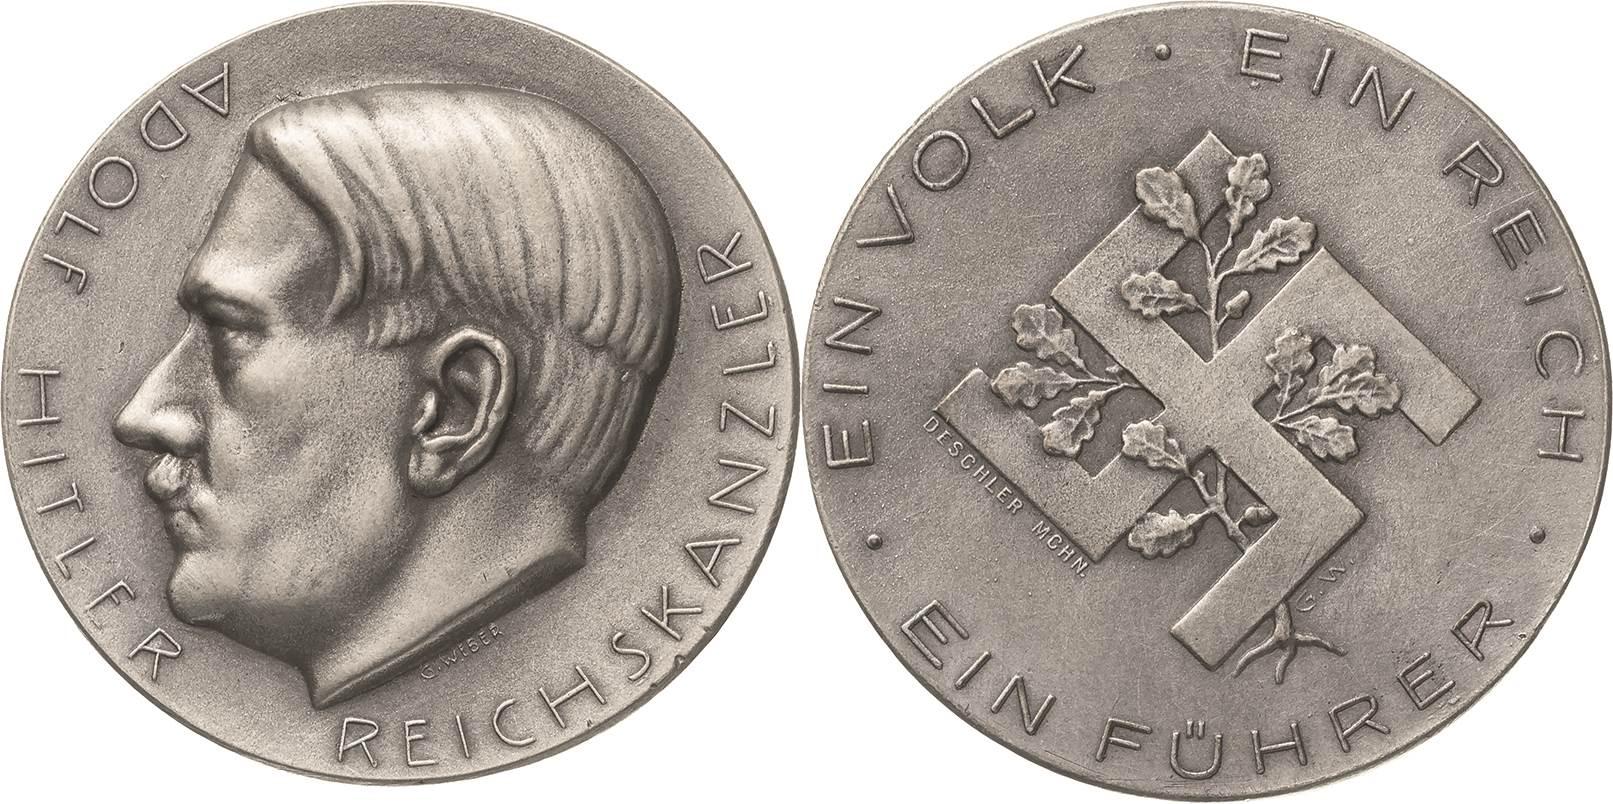 Leipziger Münzhandlung Und Auktion Heidrun Höhn E K Münzen Medaillen Und Banknoten Auktionen Powerd By Auex